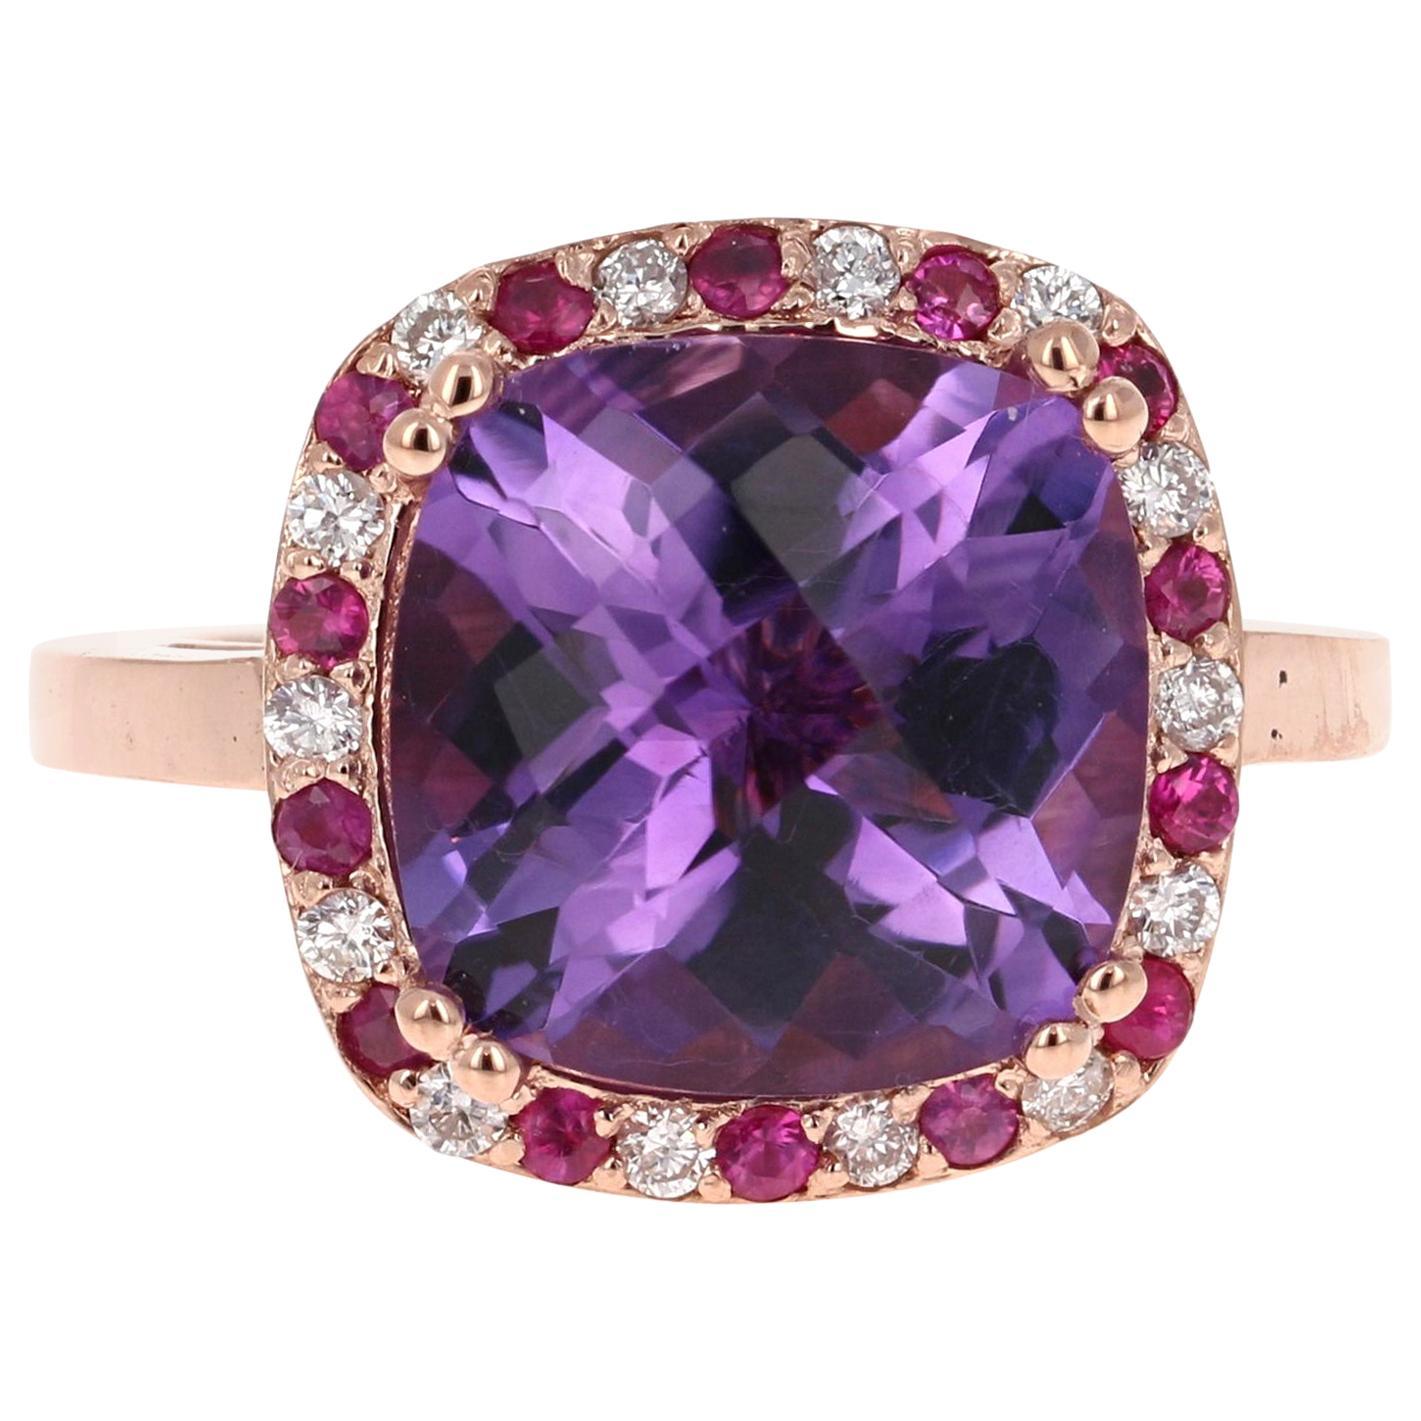 7.11 Carat Amethyst Pink Sapphire Diamond 14 Karat Rose Gold Cocktail Ring